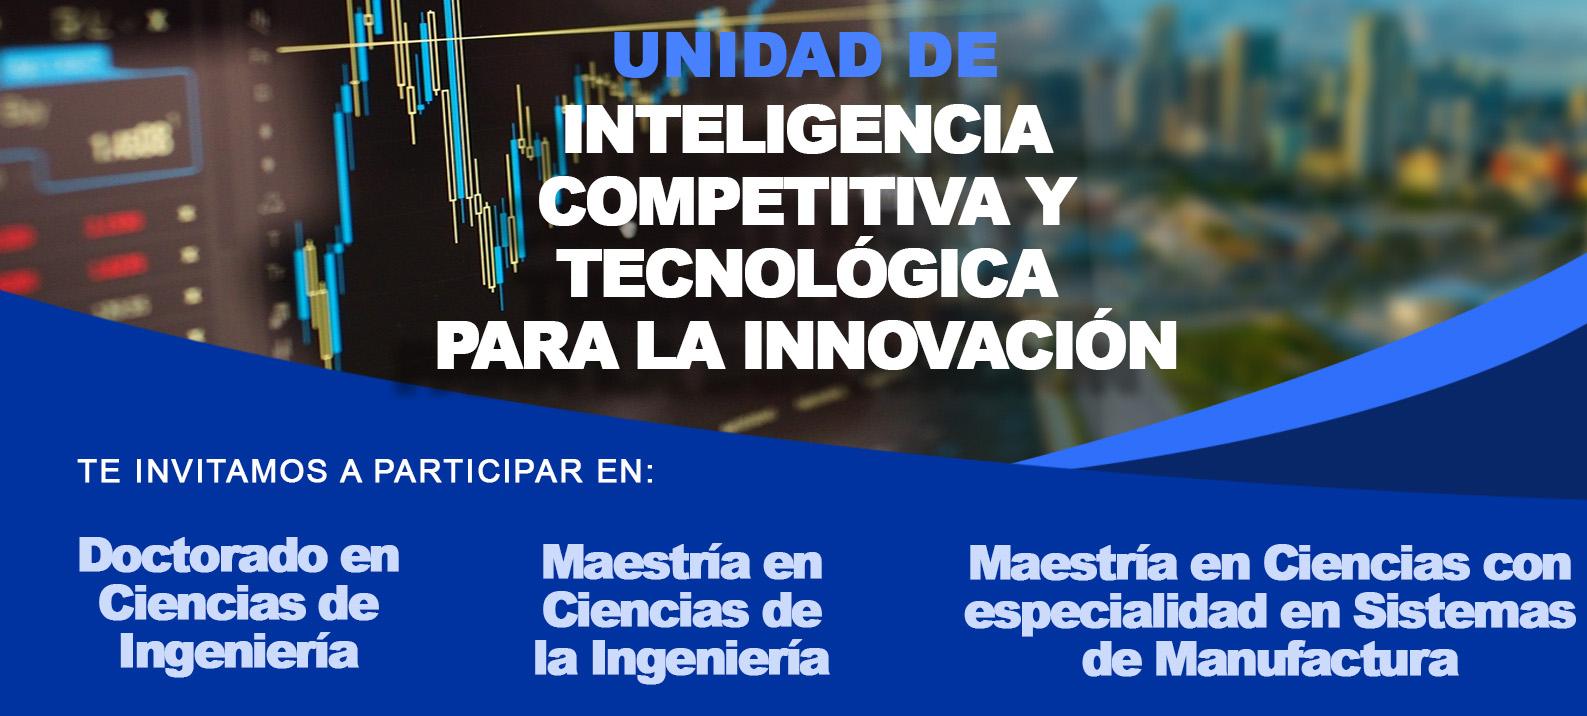 Inteligencia Competitiva y Tecnológica